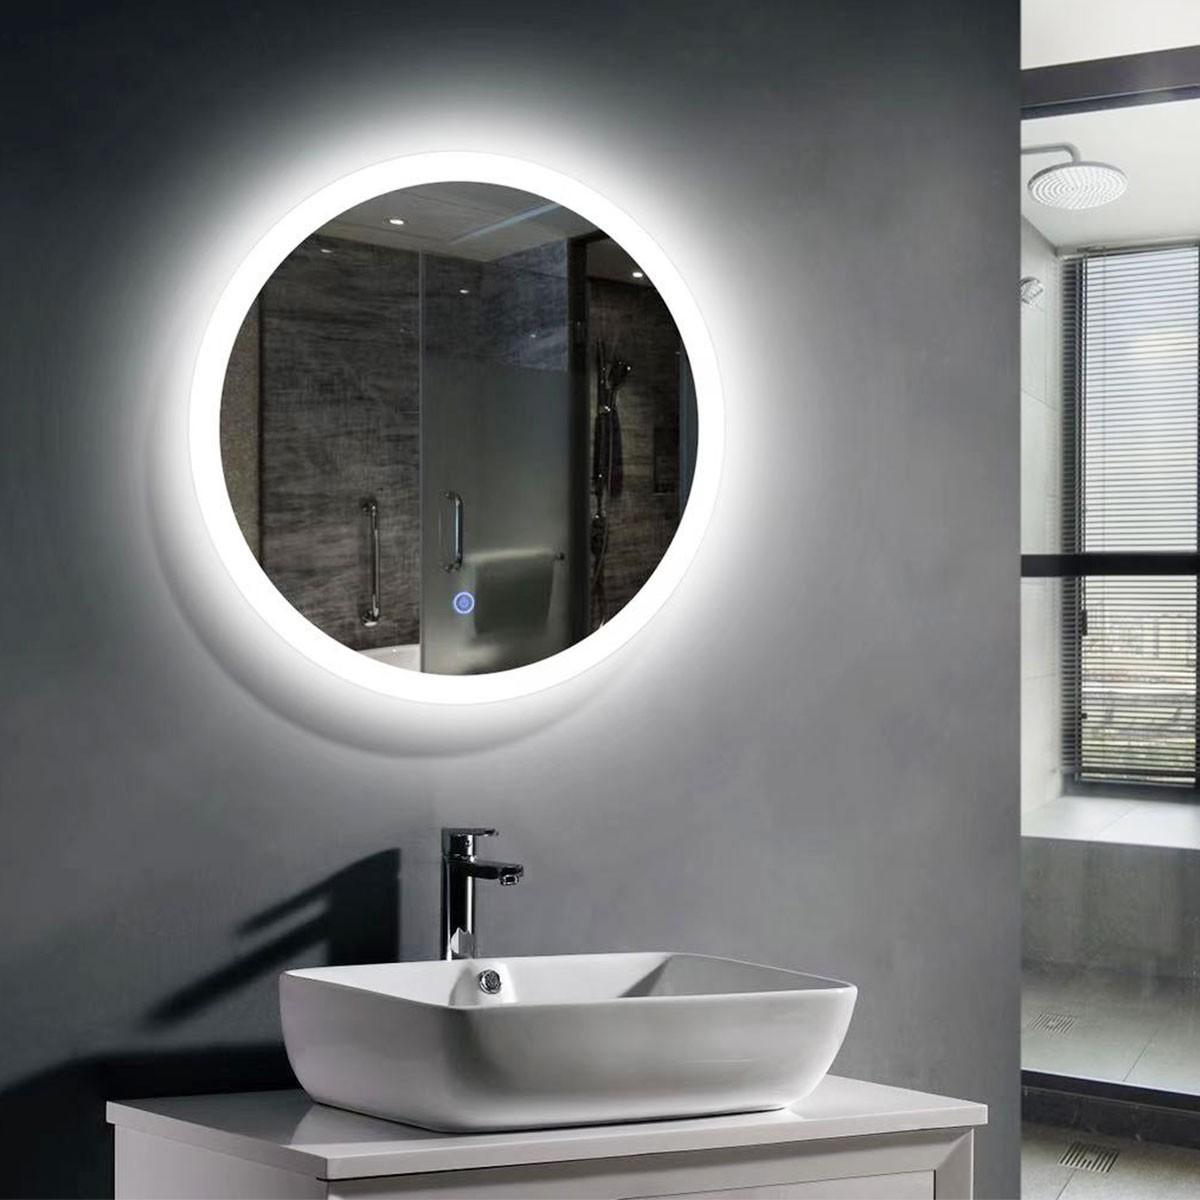 24 x 24 po miroir de salle de bain LED rond avec bouton tactile (DK-OD-CL065-1)